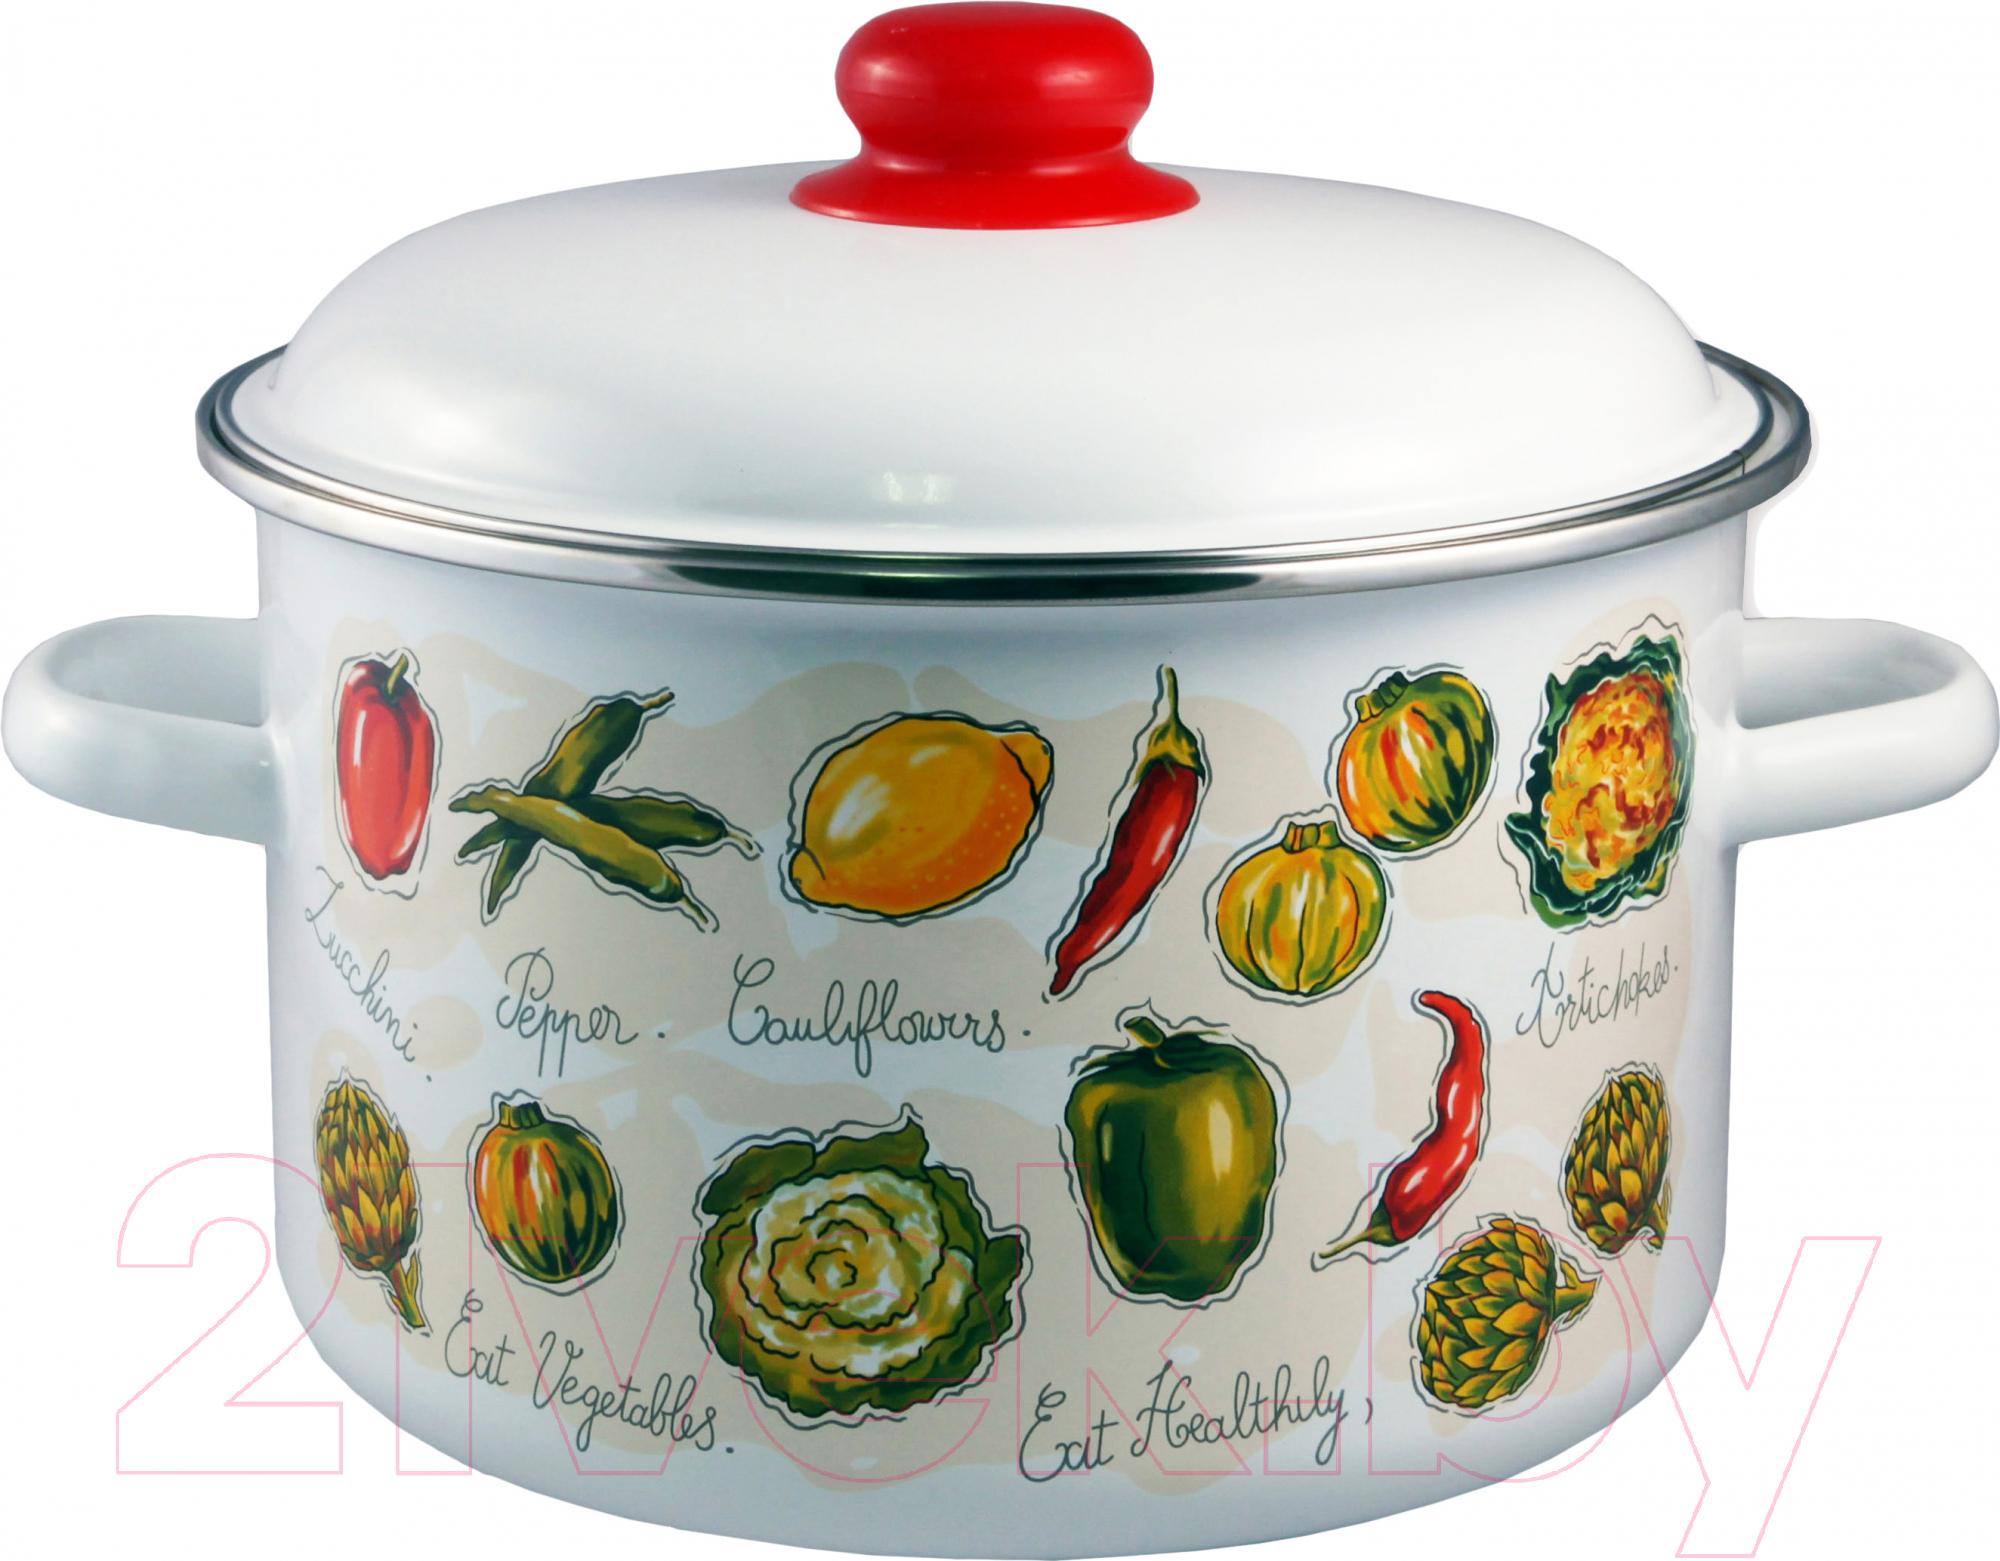 Купить Кастрюля Appetite, Гратен 1RD181М, Россия